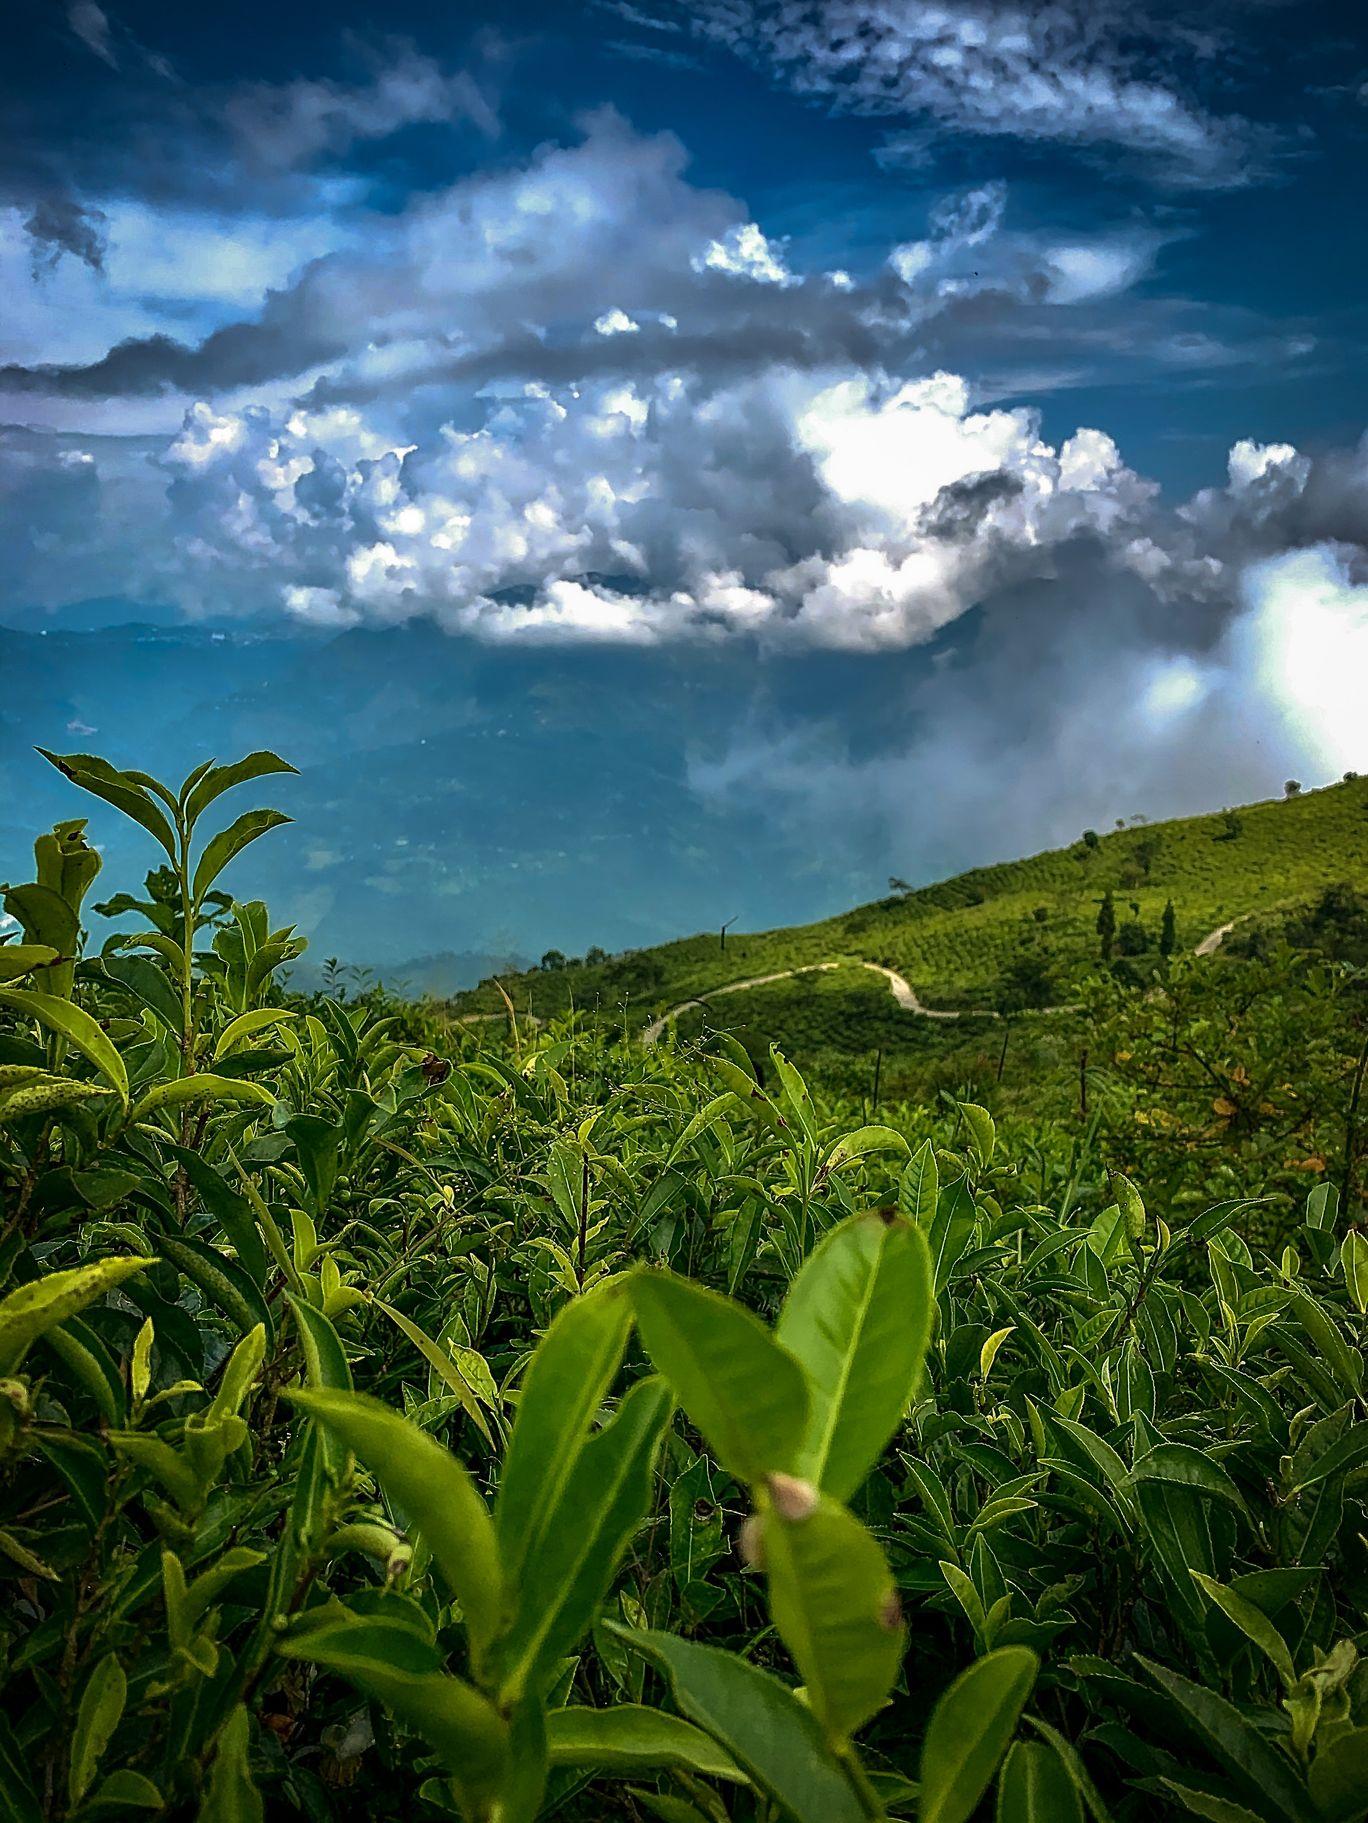 Photo of Tinchuley Gumbadara Viewpoint By Devika Mitra